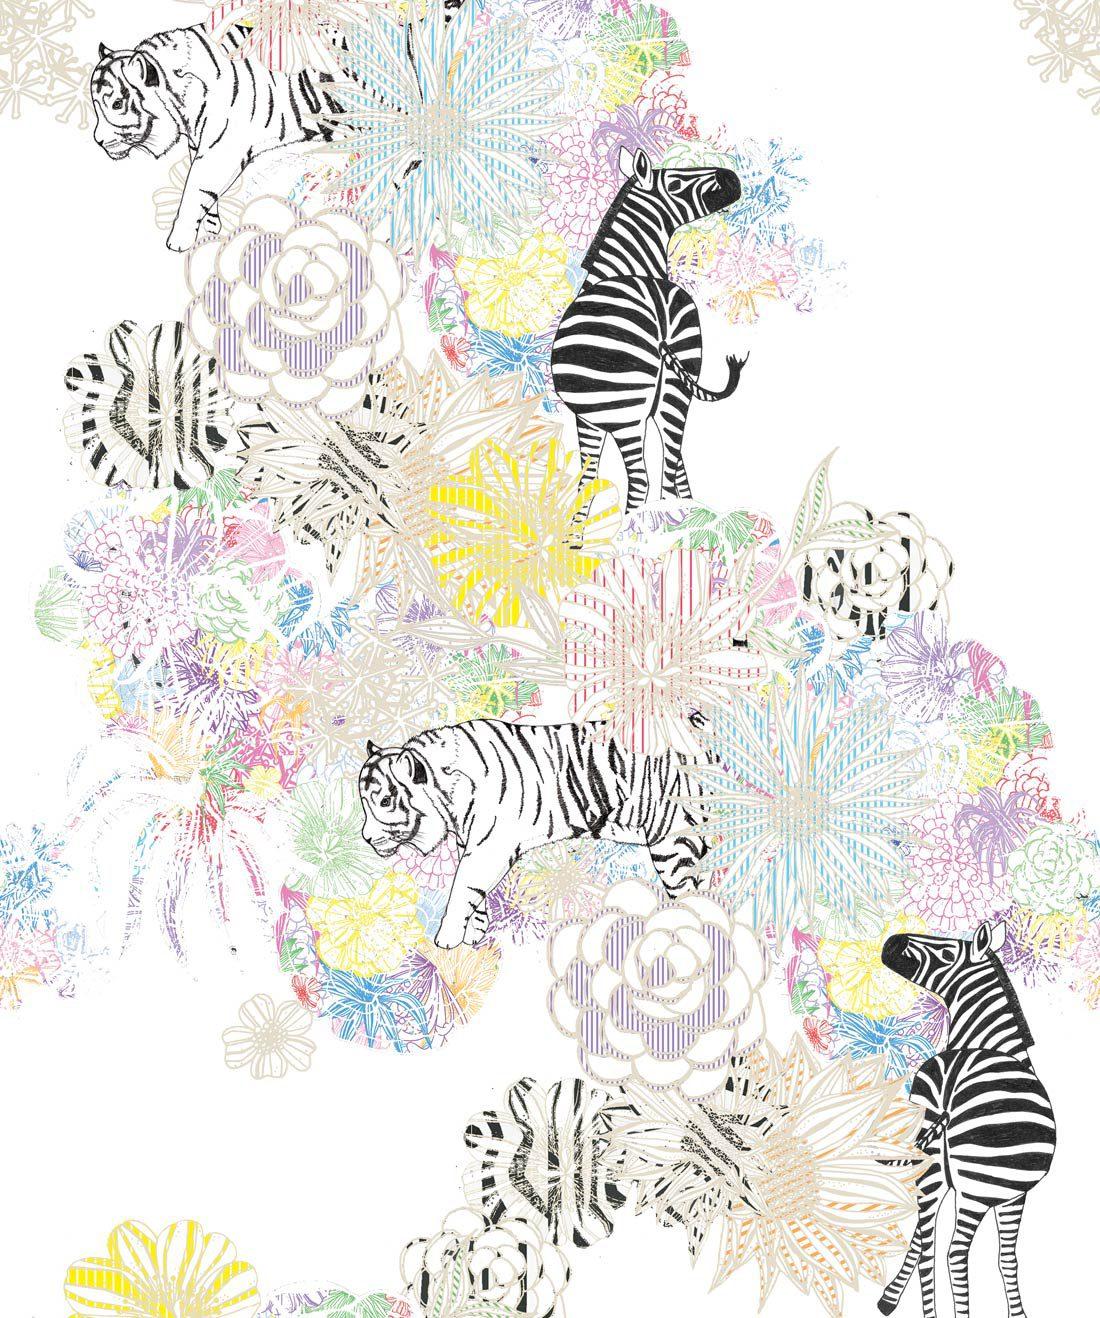 Tigers & Zebras